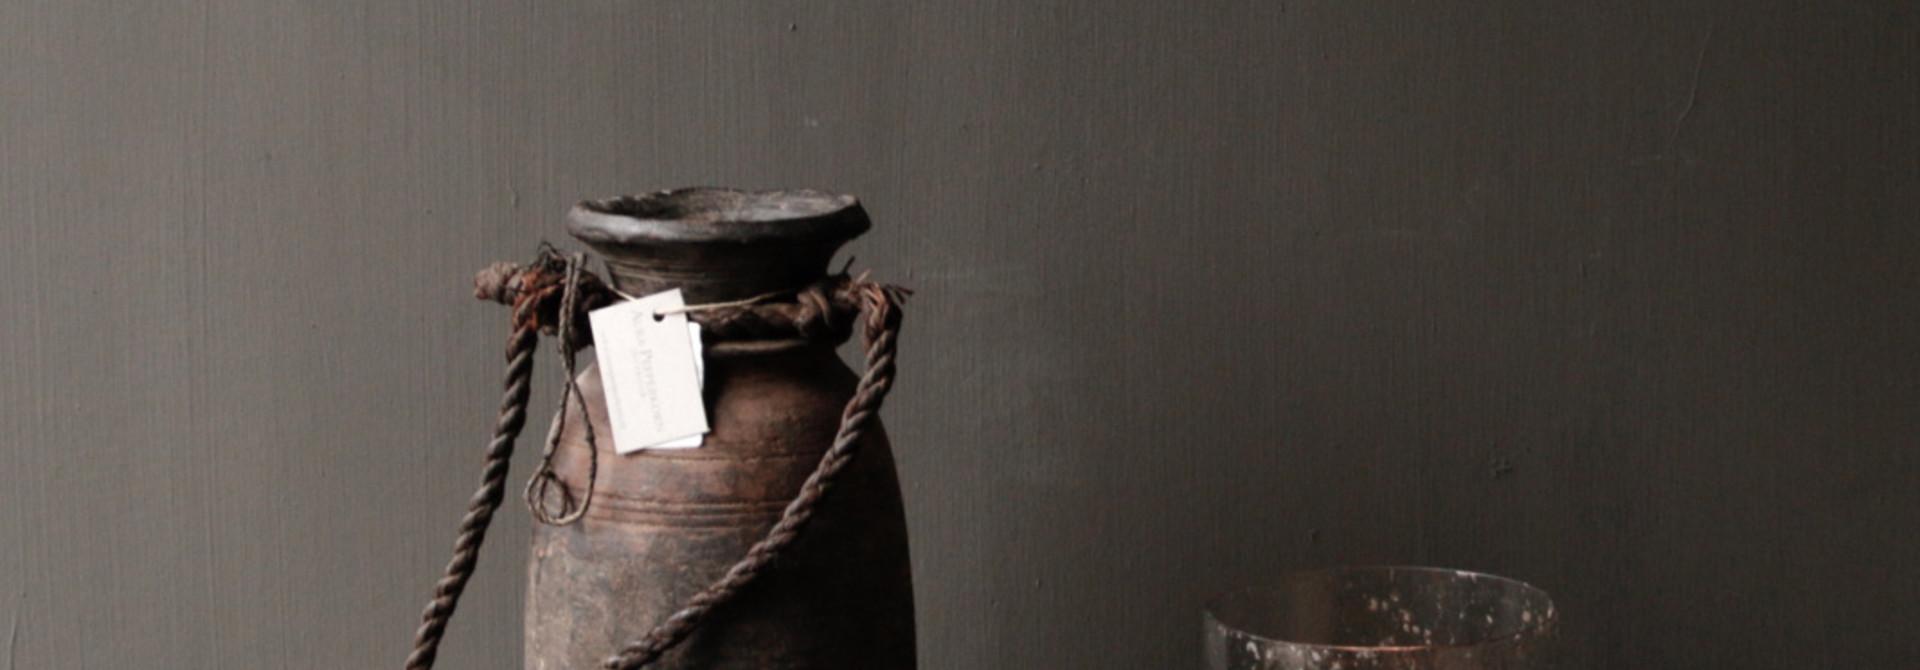 Authentisches altes Holztablett